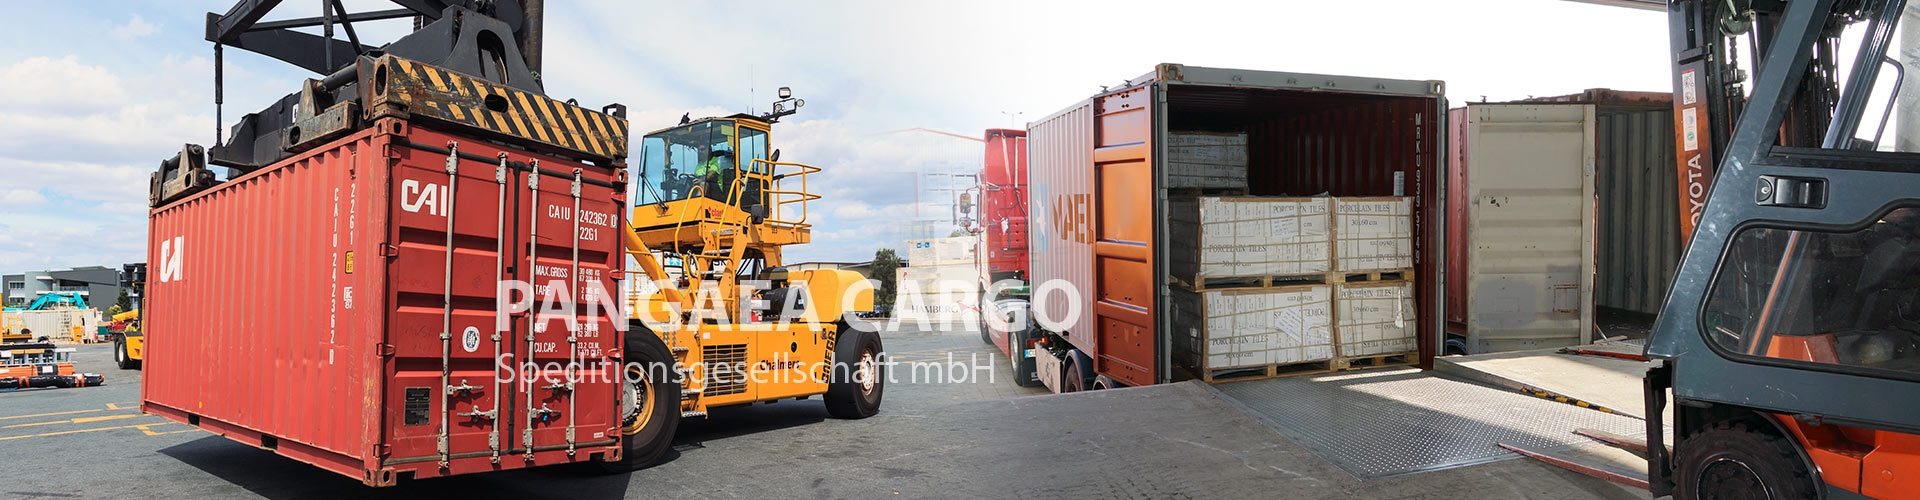 Container-Dubai